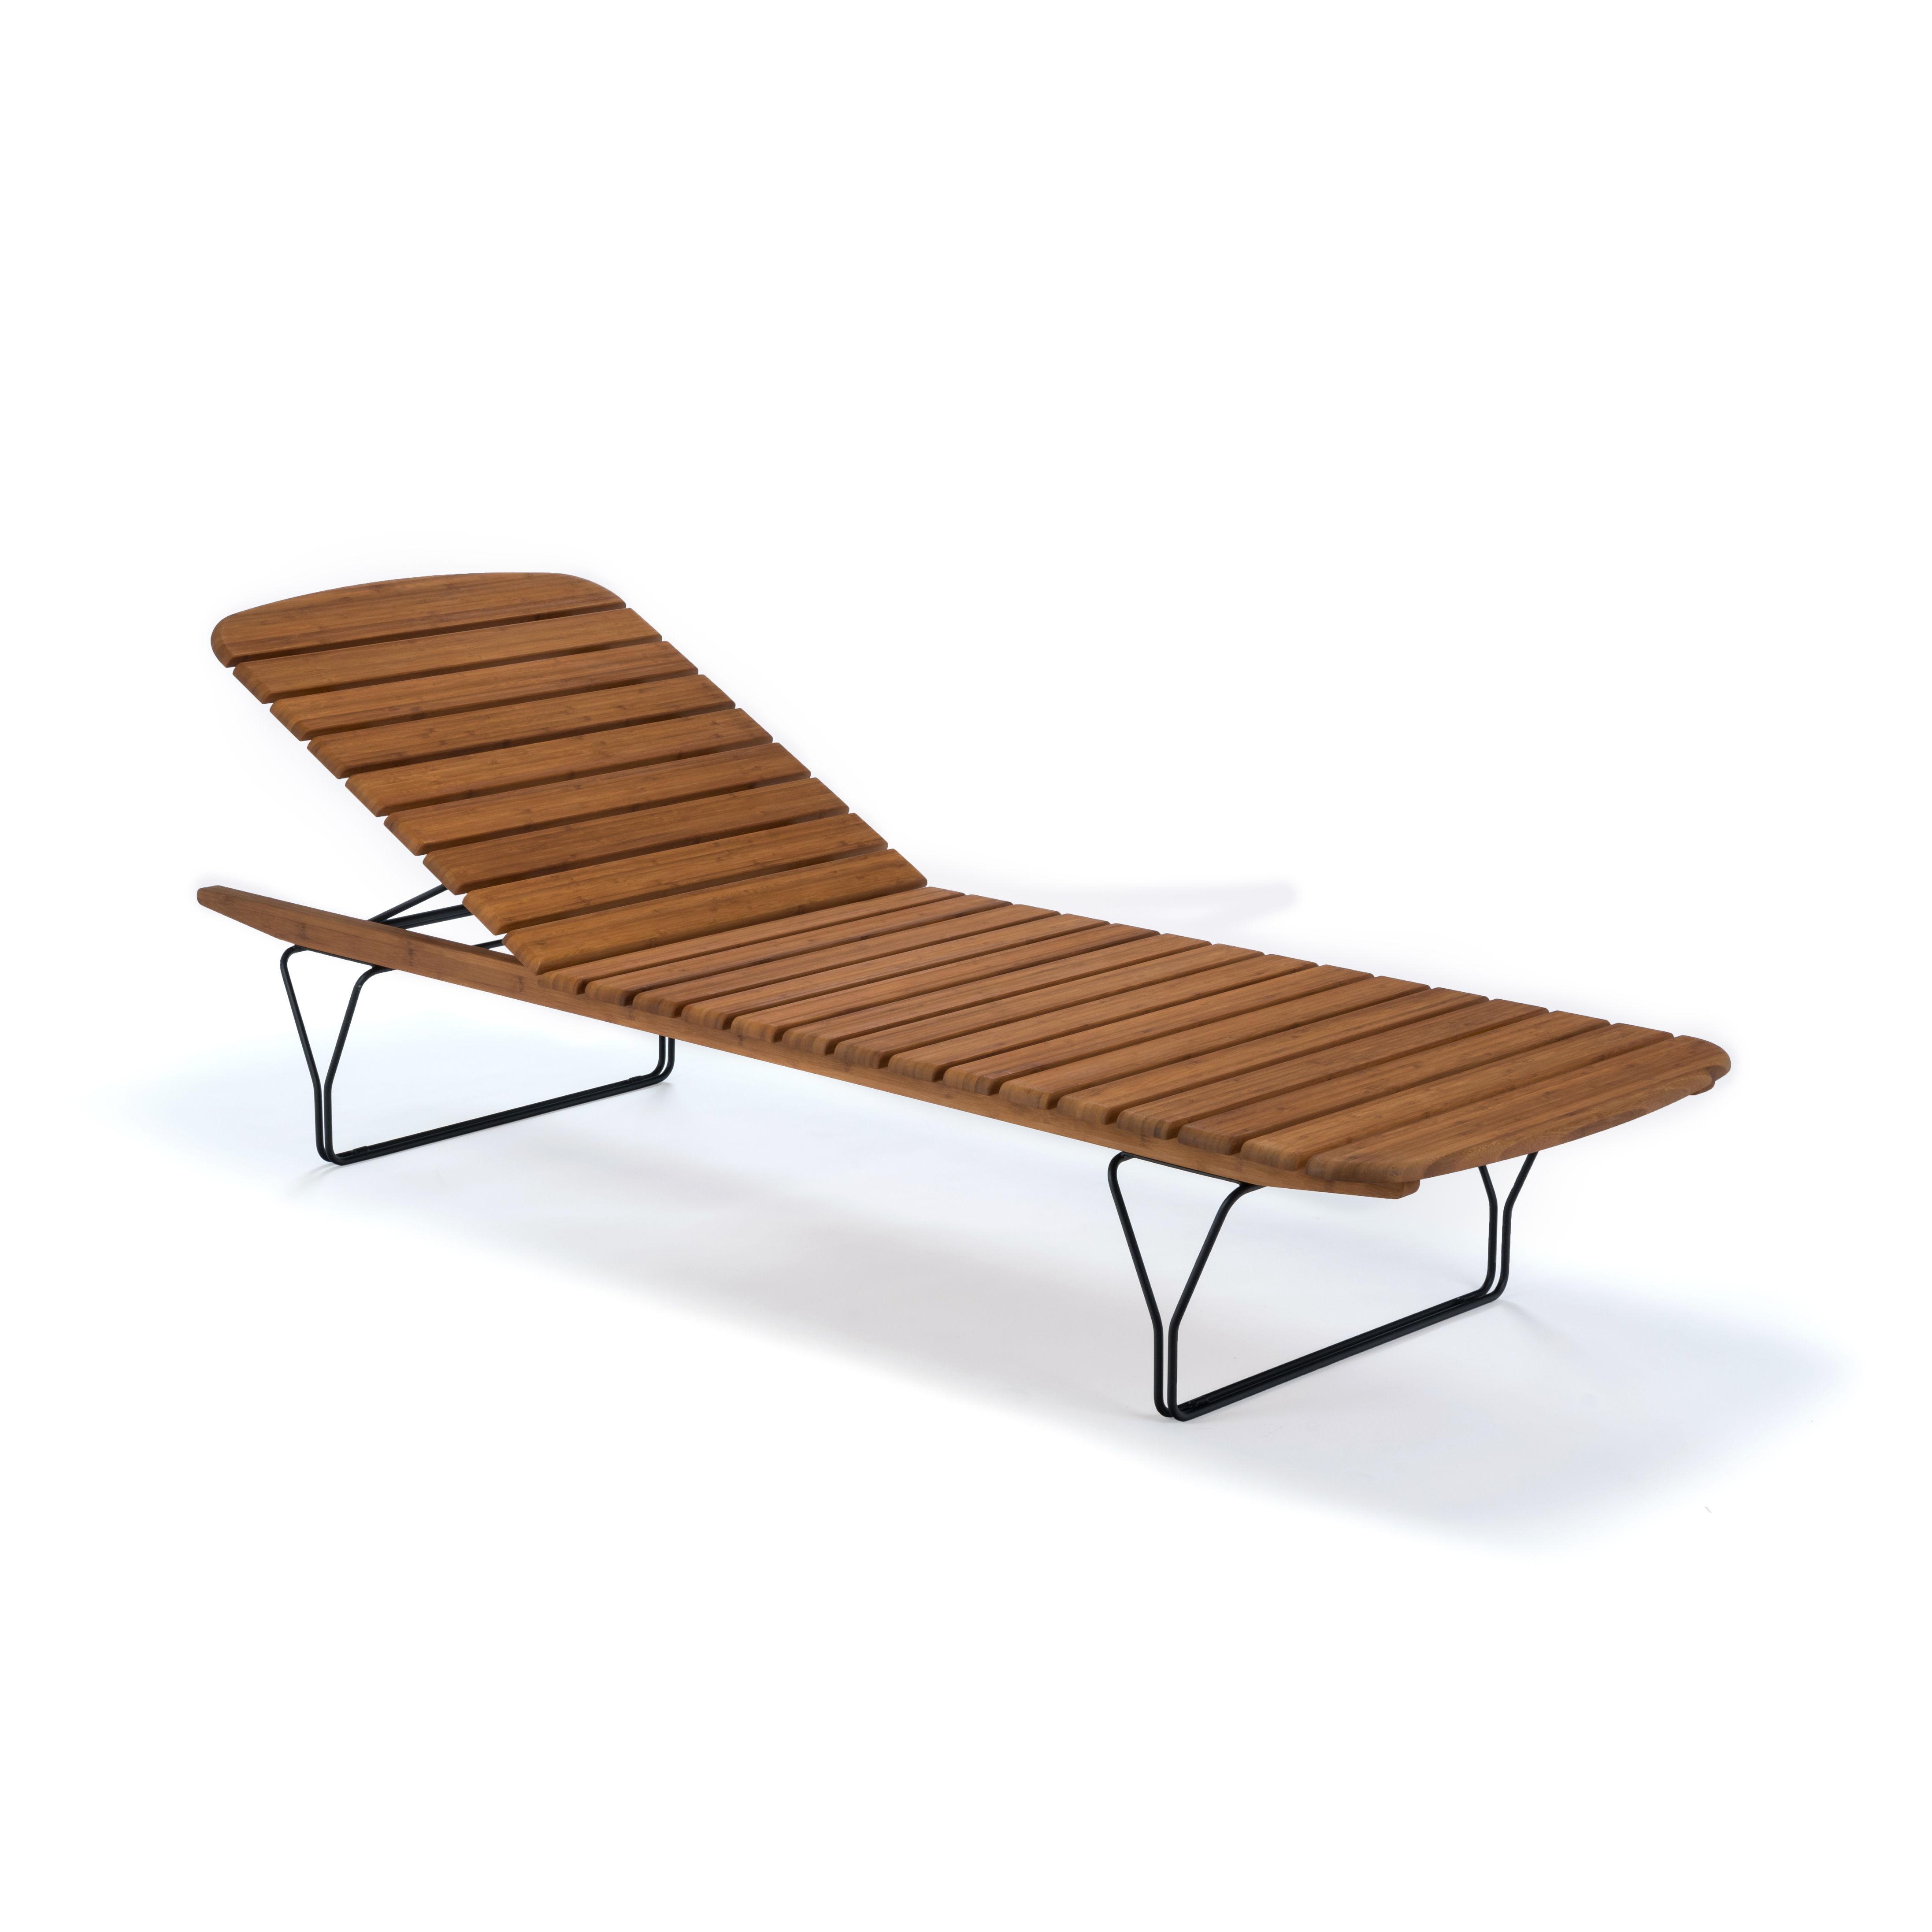 Outdoor - Chaises longues et hamacs - Bain de soleil Molo / Bambou - Multiposition - Houe - Bain de soleil / Bambou - Bambou